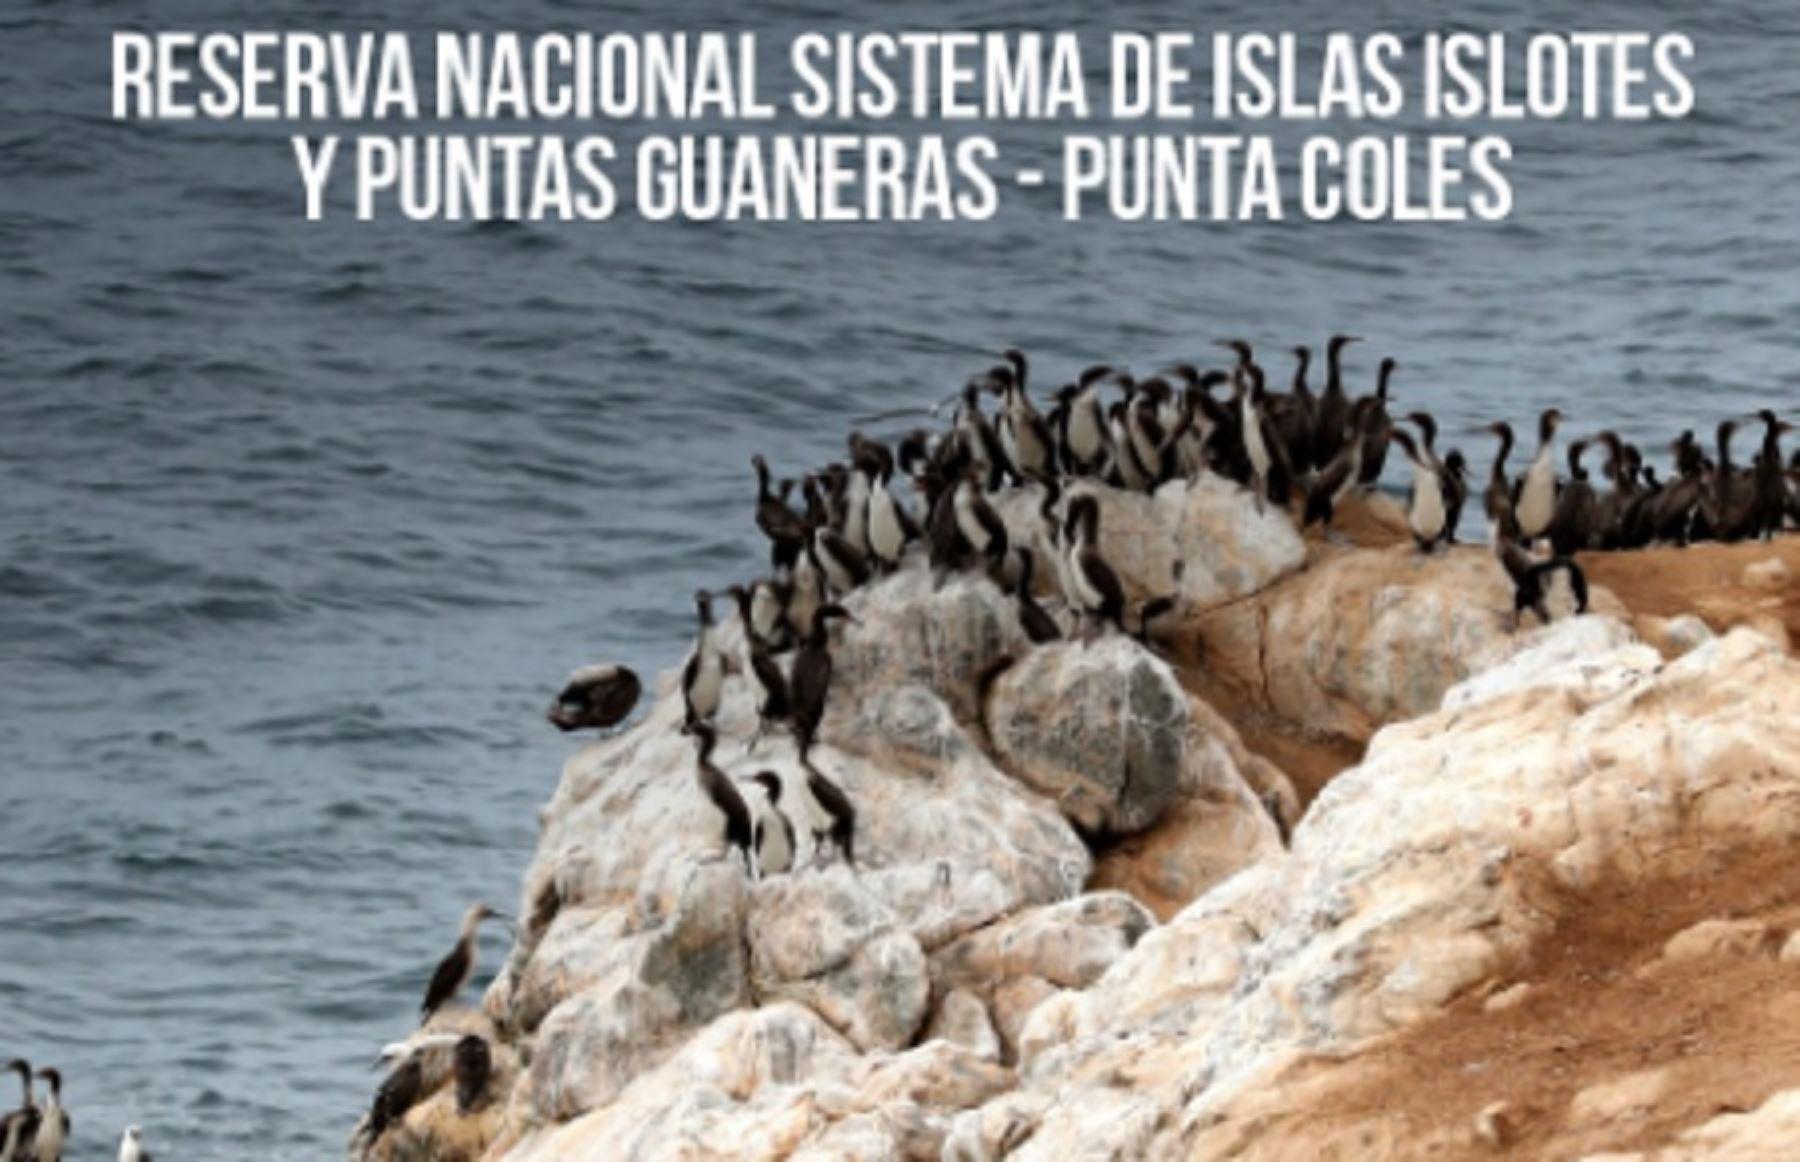 La Reserva Nacional Punta Coles es el hábitat de las tres aves que producen guano (guanay, piquero y pelícano).